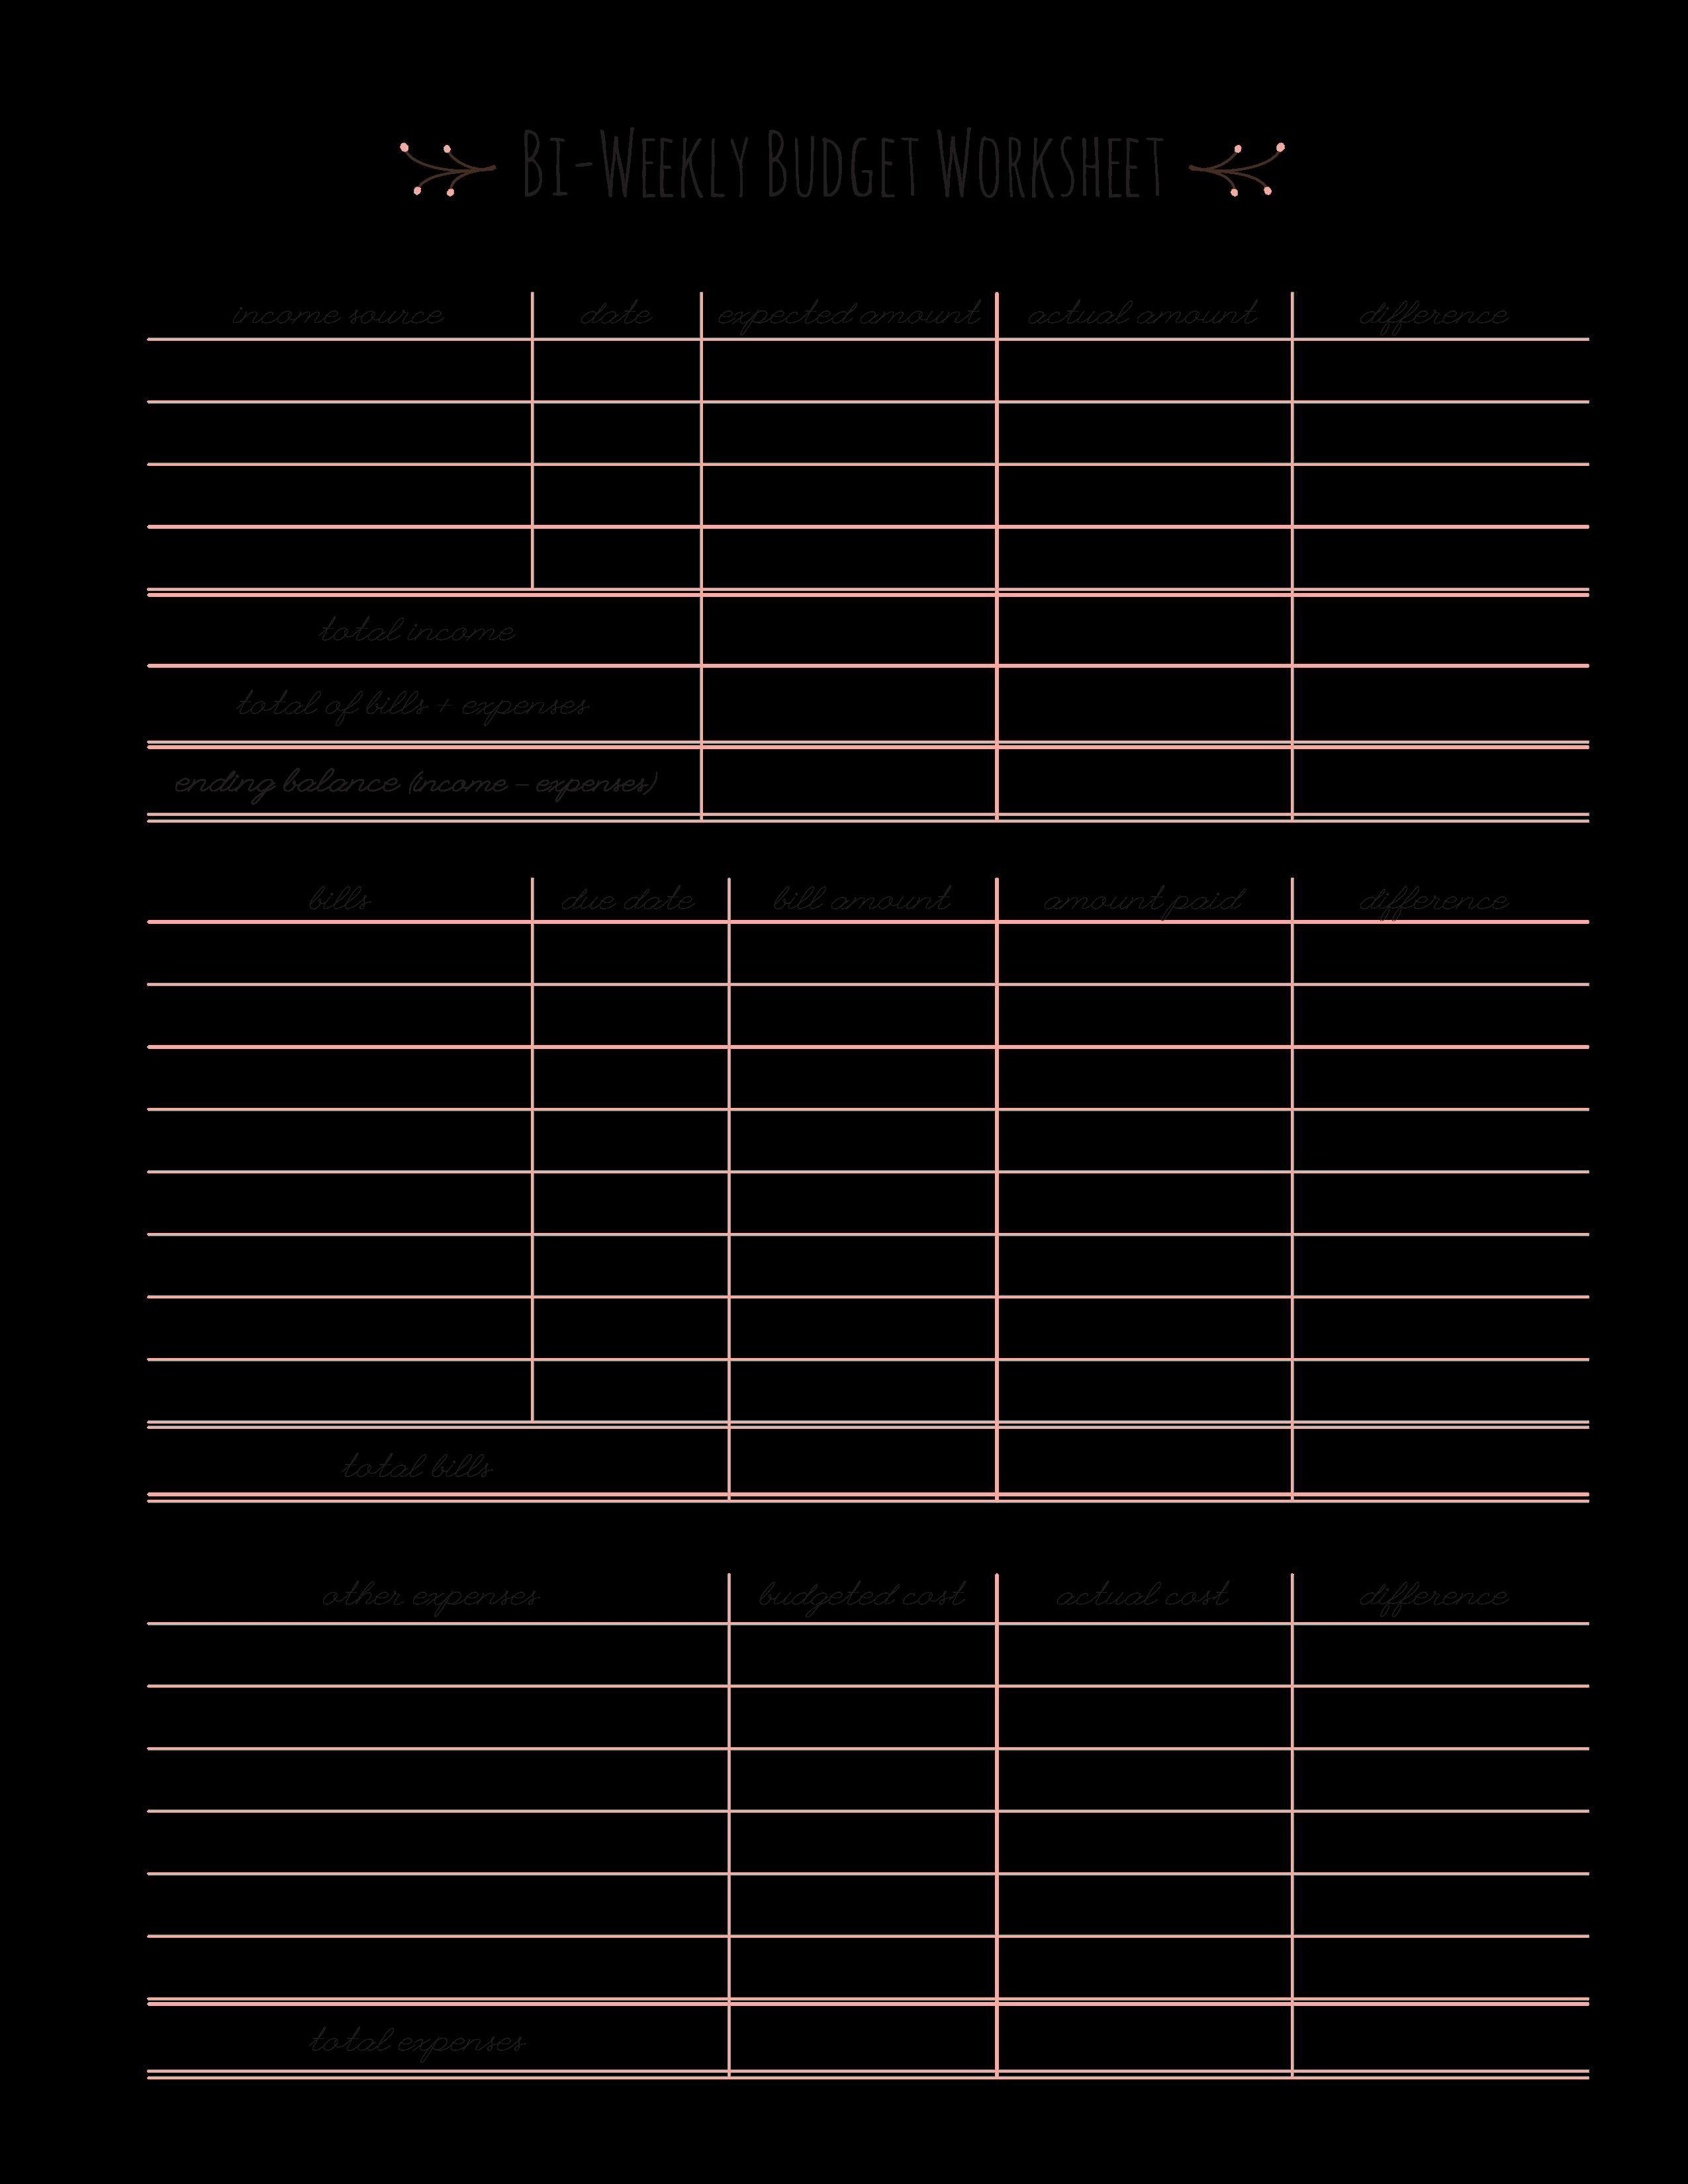 Bi Weekly Budget Printable Beautiful Bi Weekly Bud Worksheet